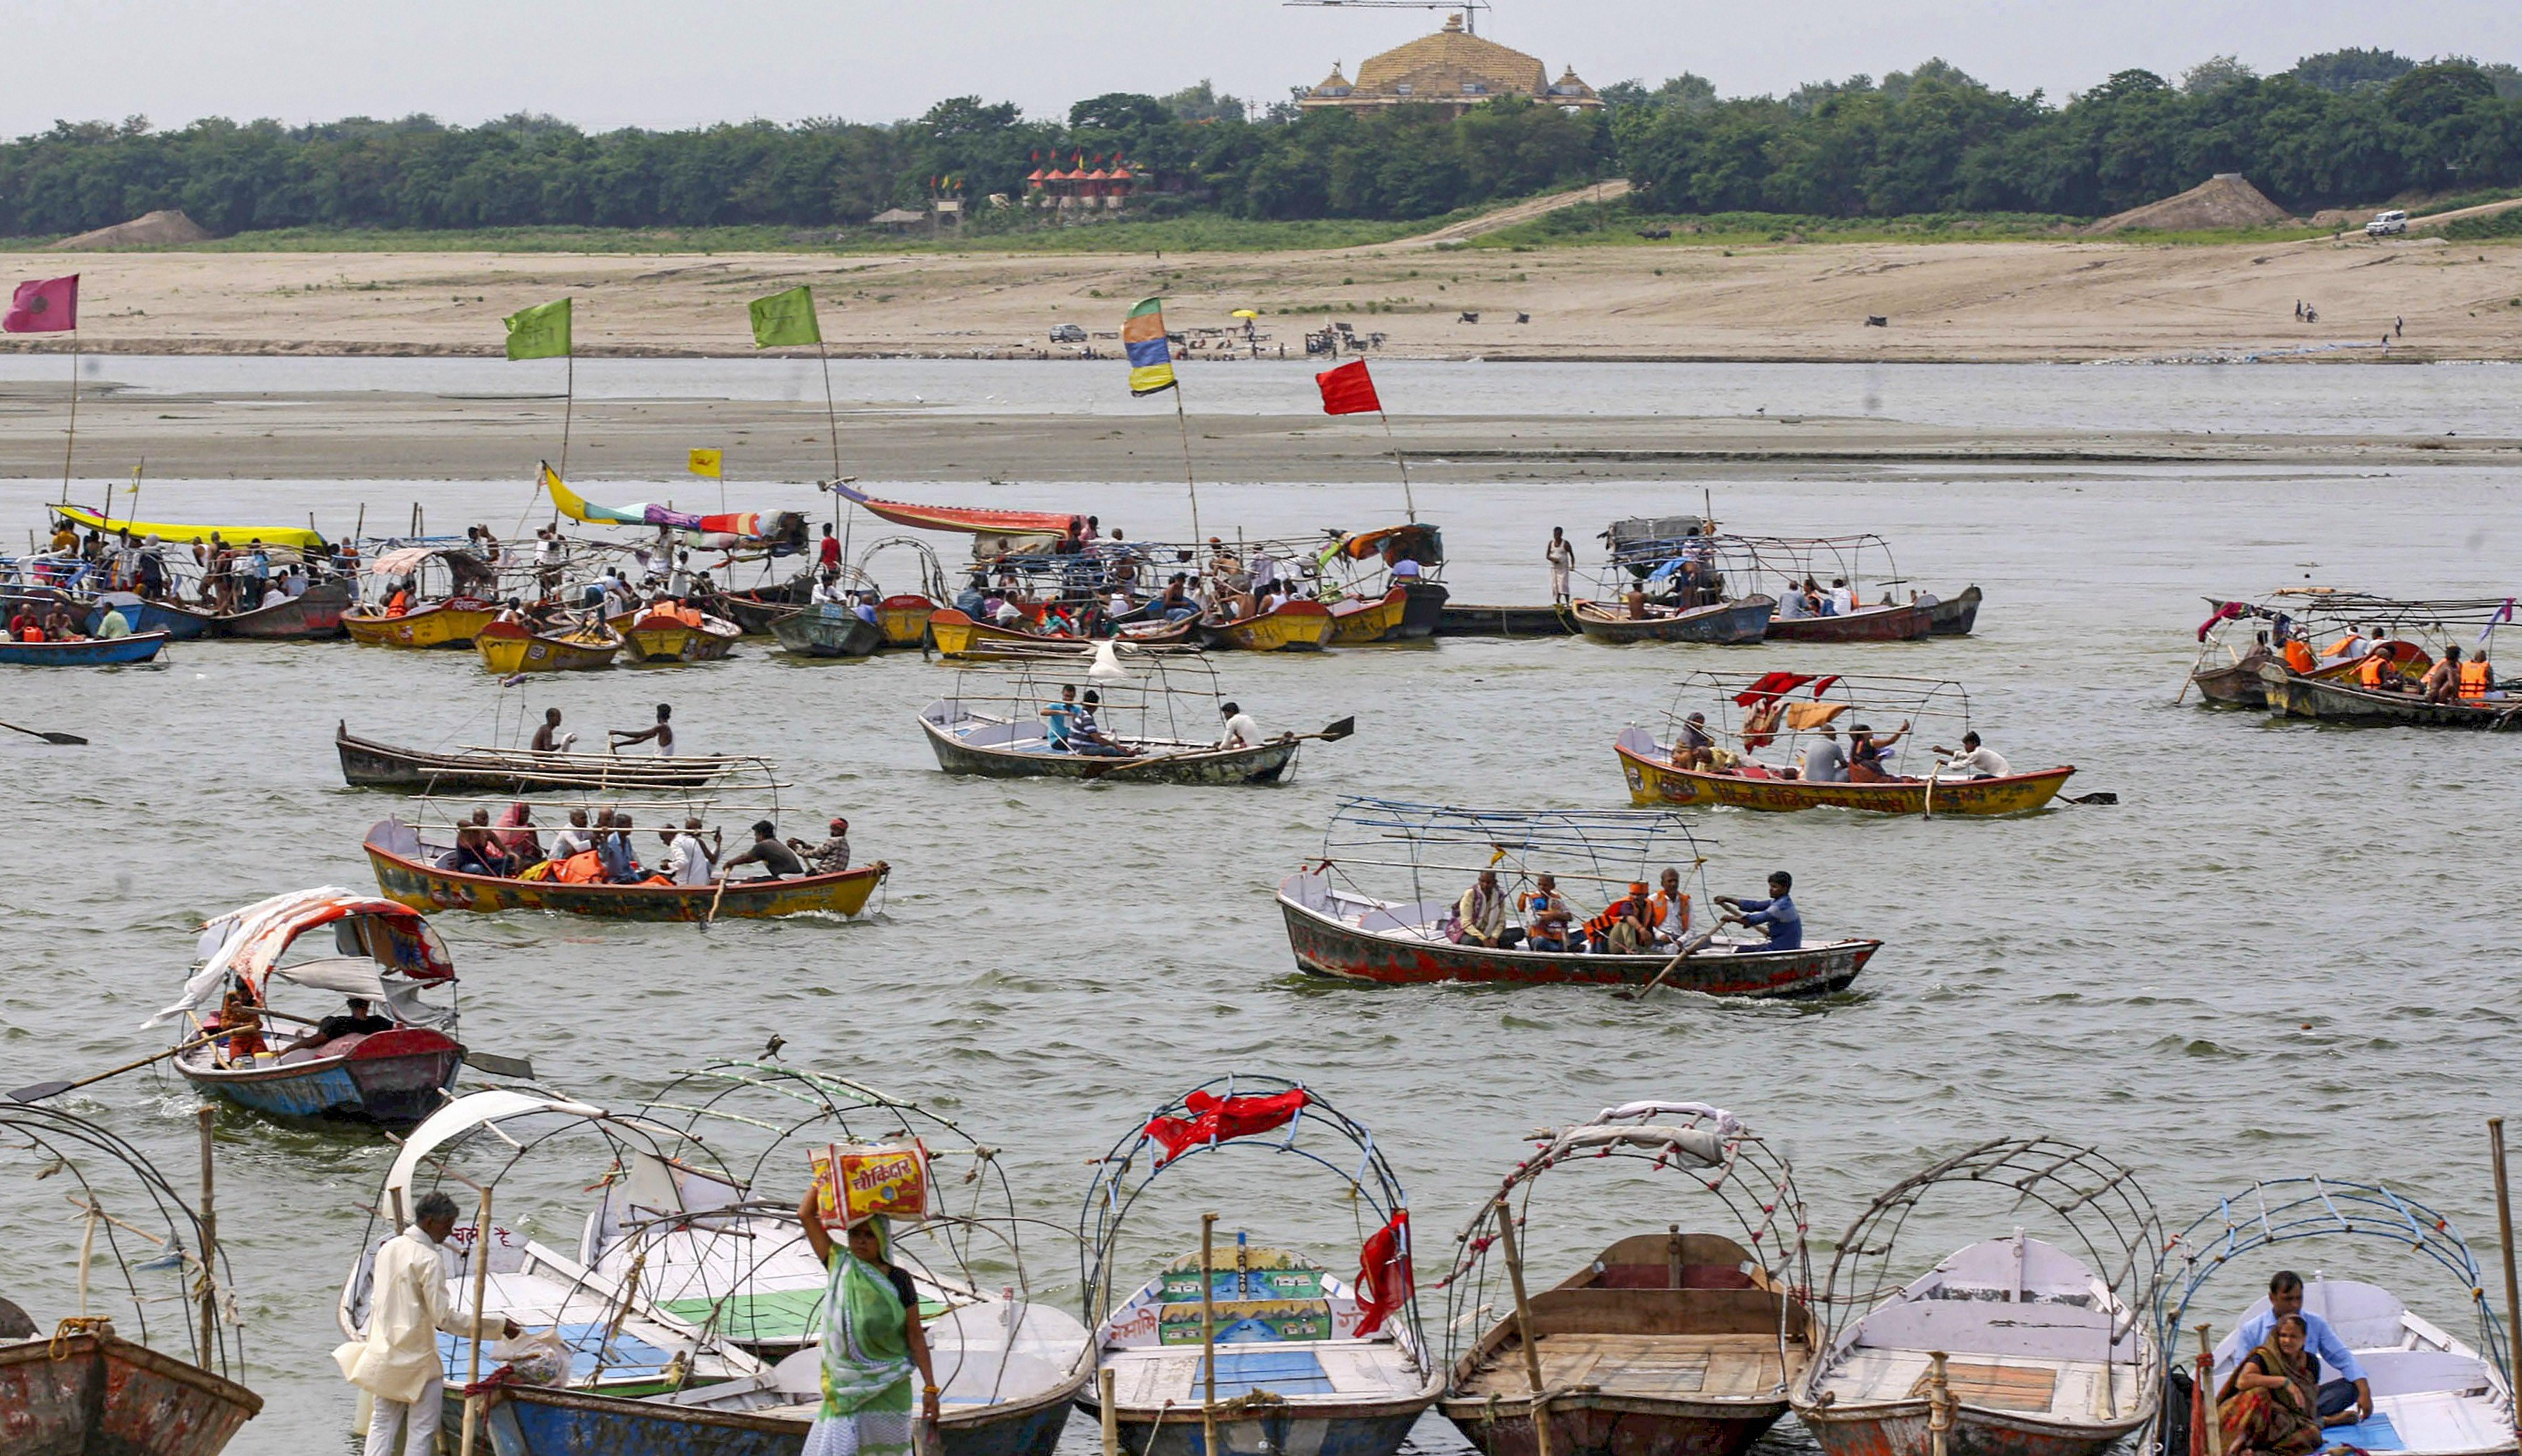 फोटो प्रयागराज की है। यहां अष्टमी पर लोगों ने गंगा नदी में नहाने के बाद नावों की सवारी की।